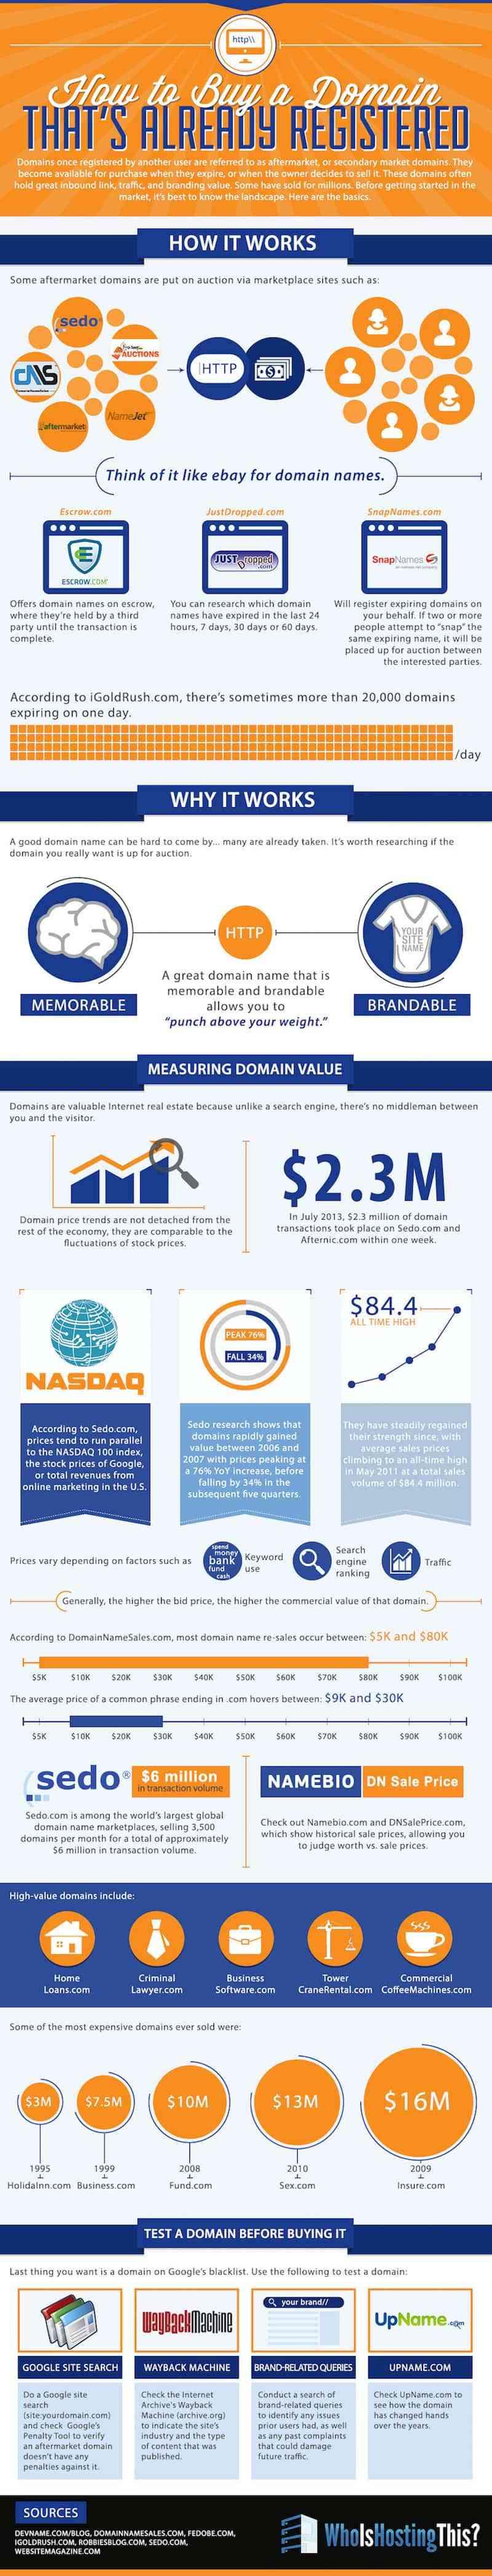 como comprar un dominios ya registrado